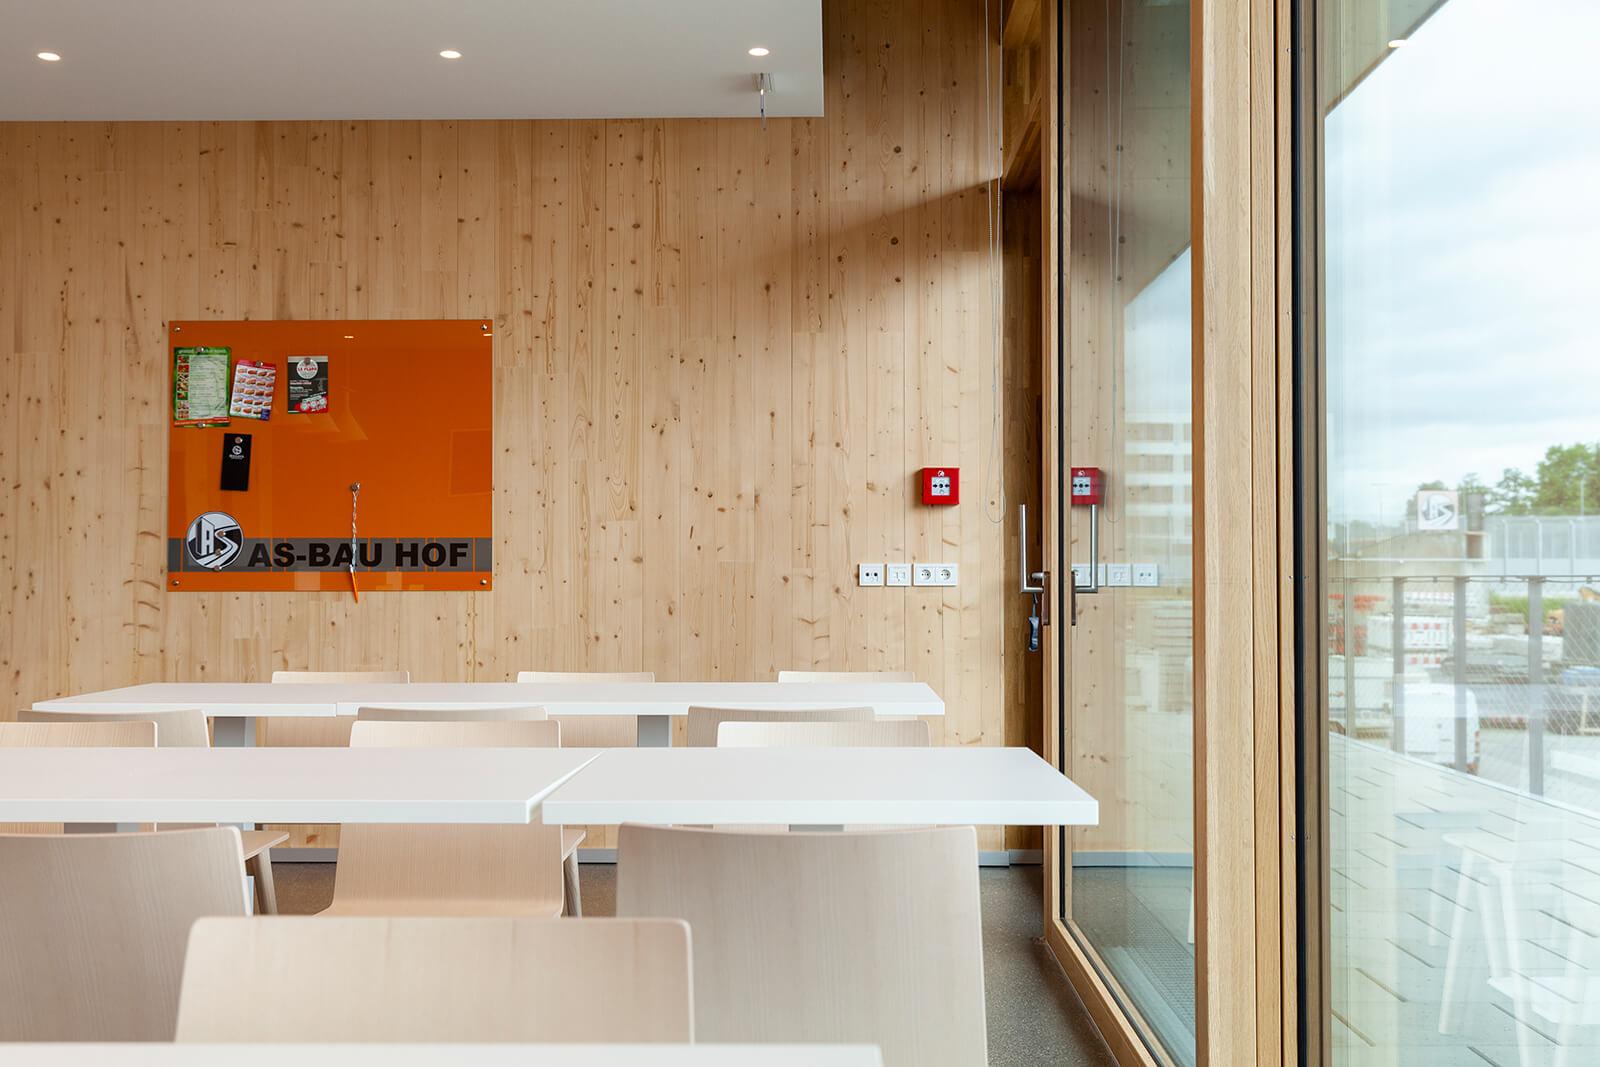 AS-Bau Hof Gemeinschaftsraum/Küche